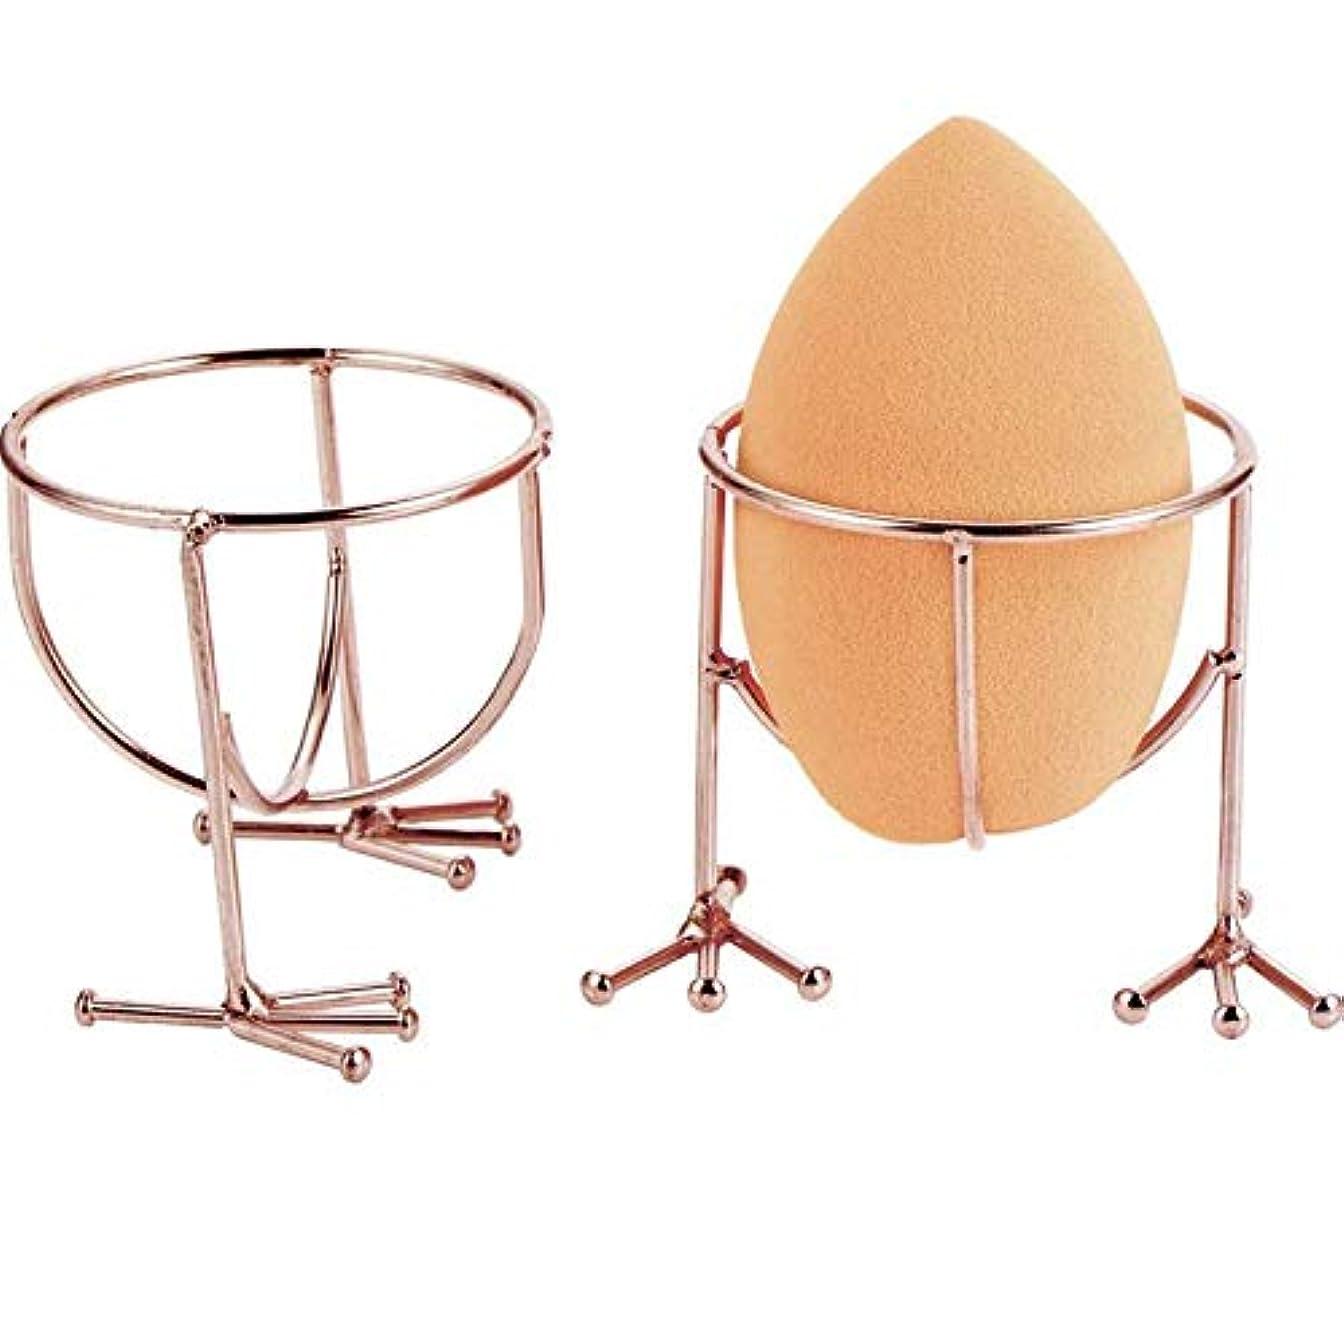 宅配便一人で命令的TOOGOO 化粧スポンジホルダー卵スポンジスタンドパフ陳列スタンドドライヤーラック化粧スポンジサポート(スポンジは含まれていません)、2個、ローズゴールド